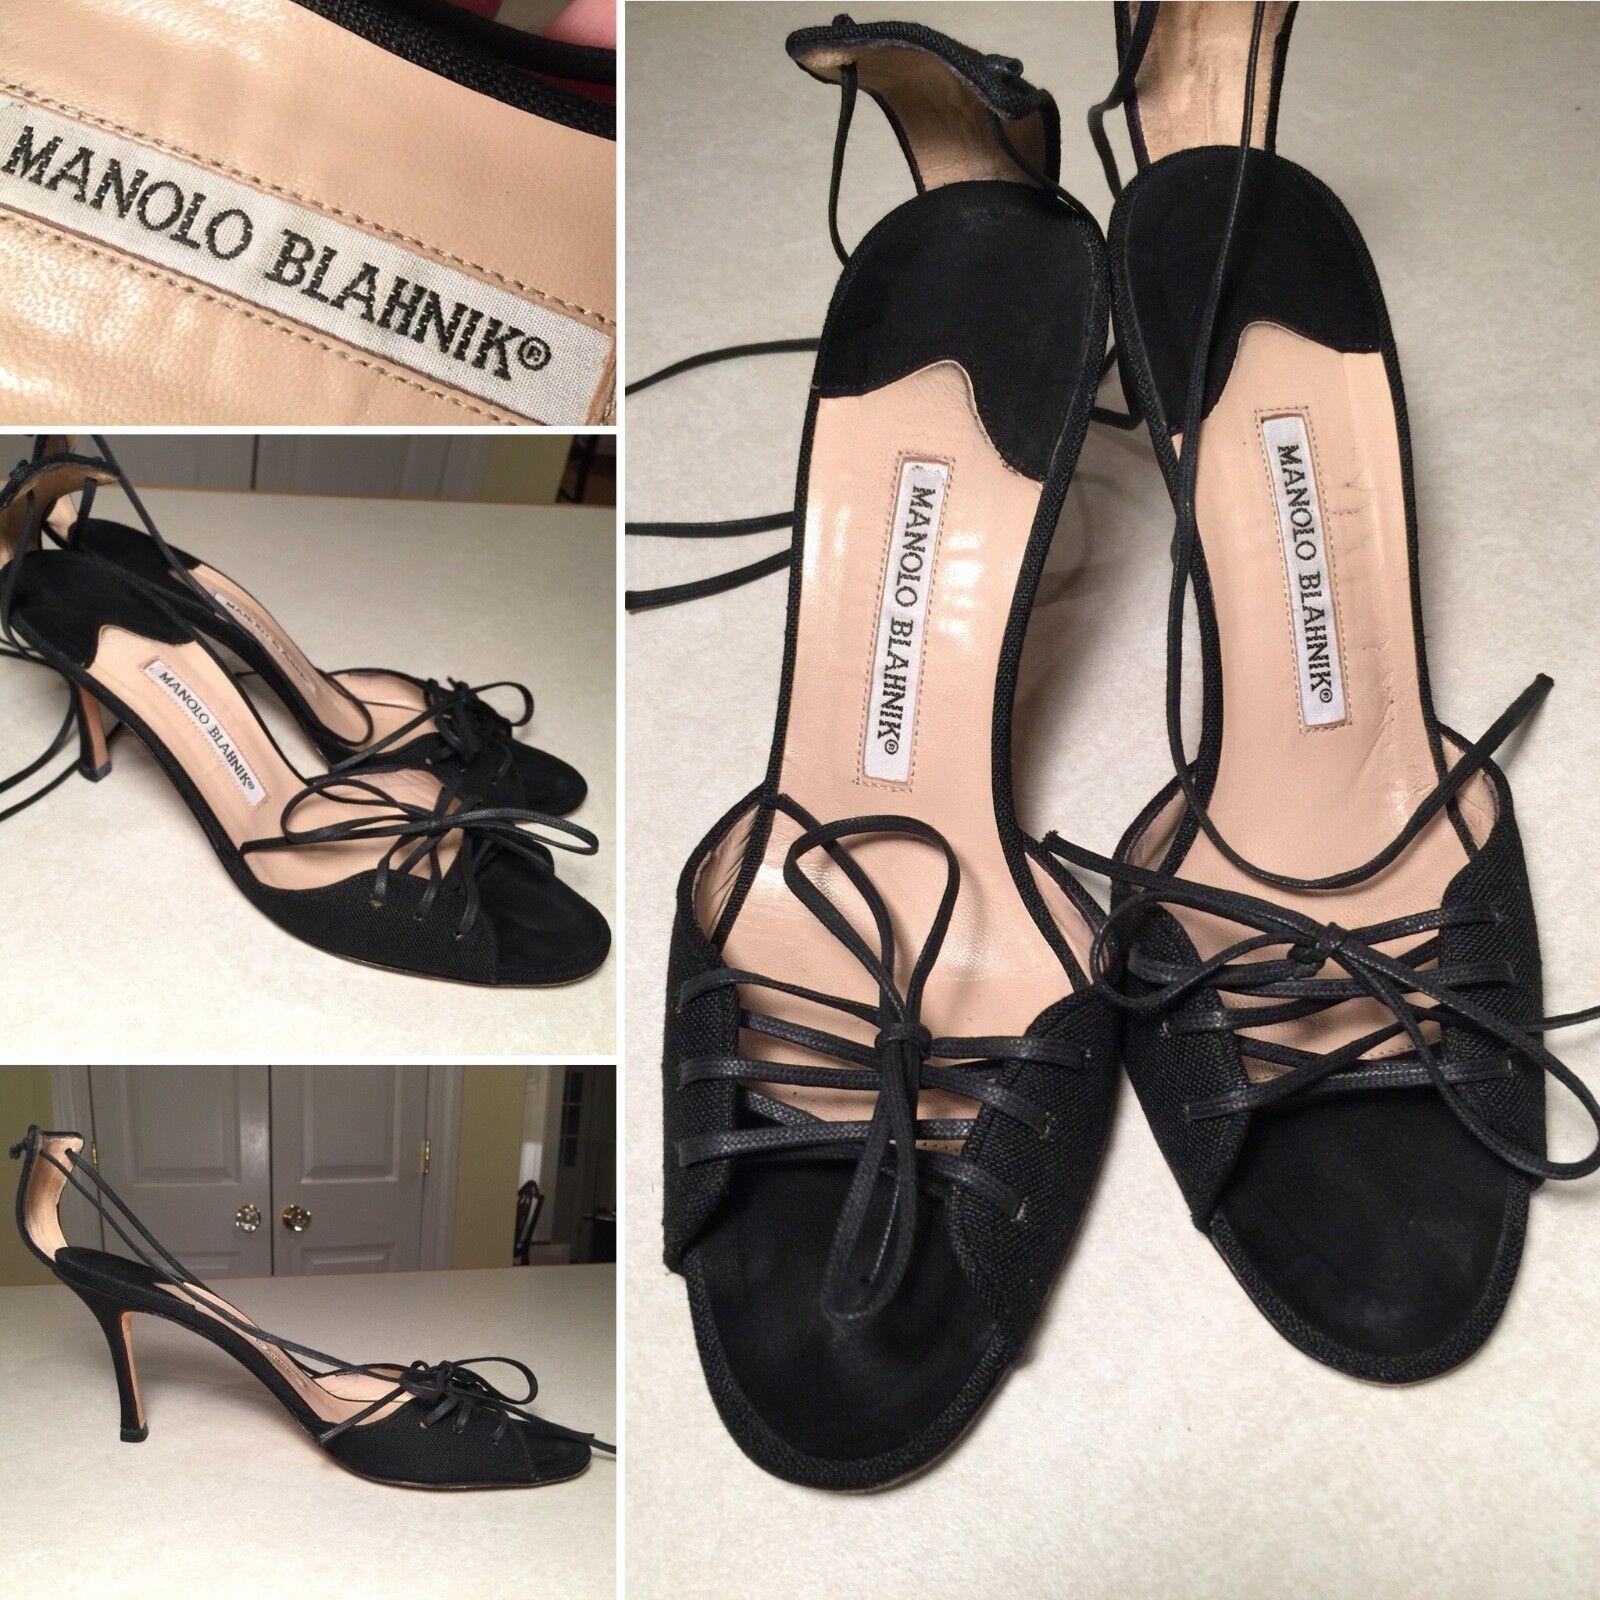 MANOLO BLOHNIK  nero Lace D'Orsay Style Open -Toe Ankle Strap Sandals Heels 8.5  senza esitazione! acquista ora!